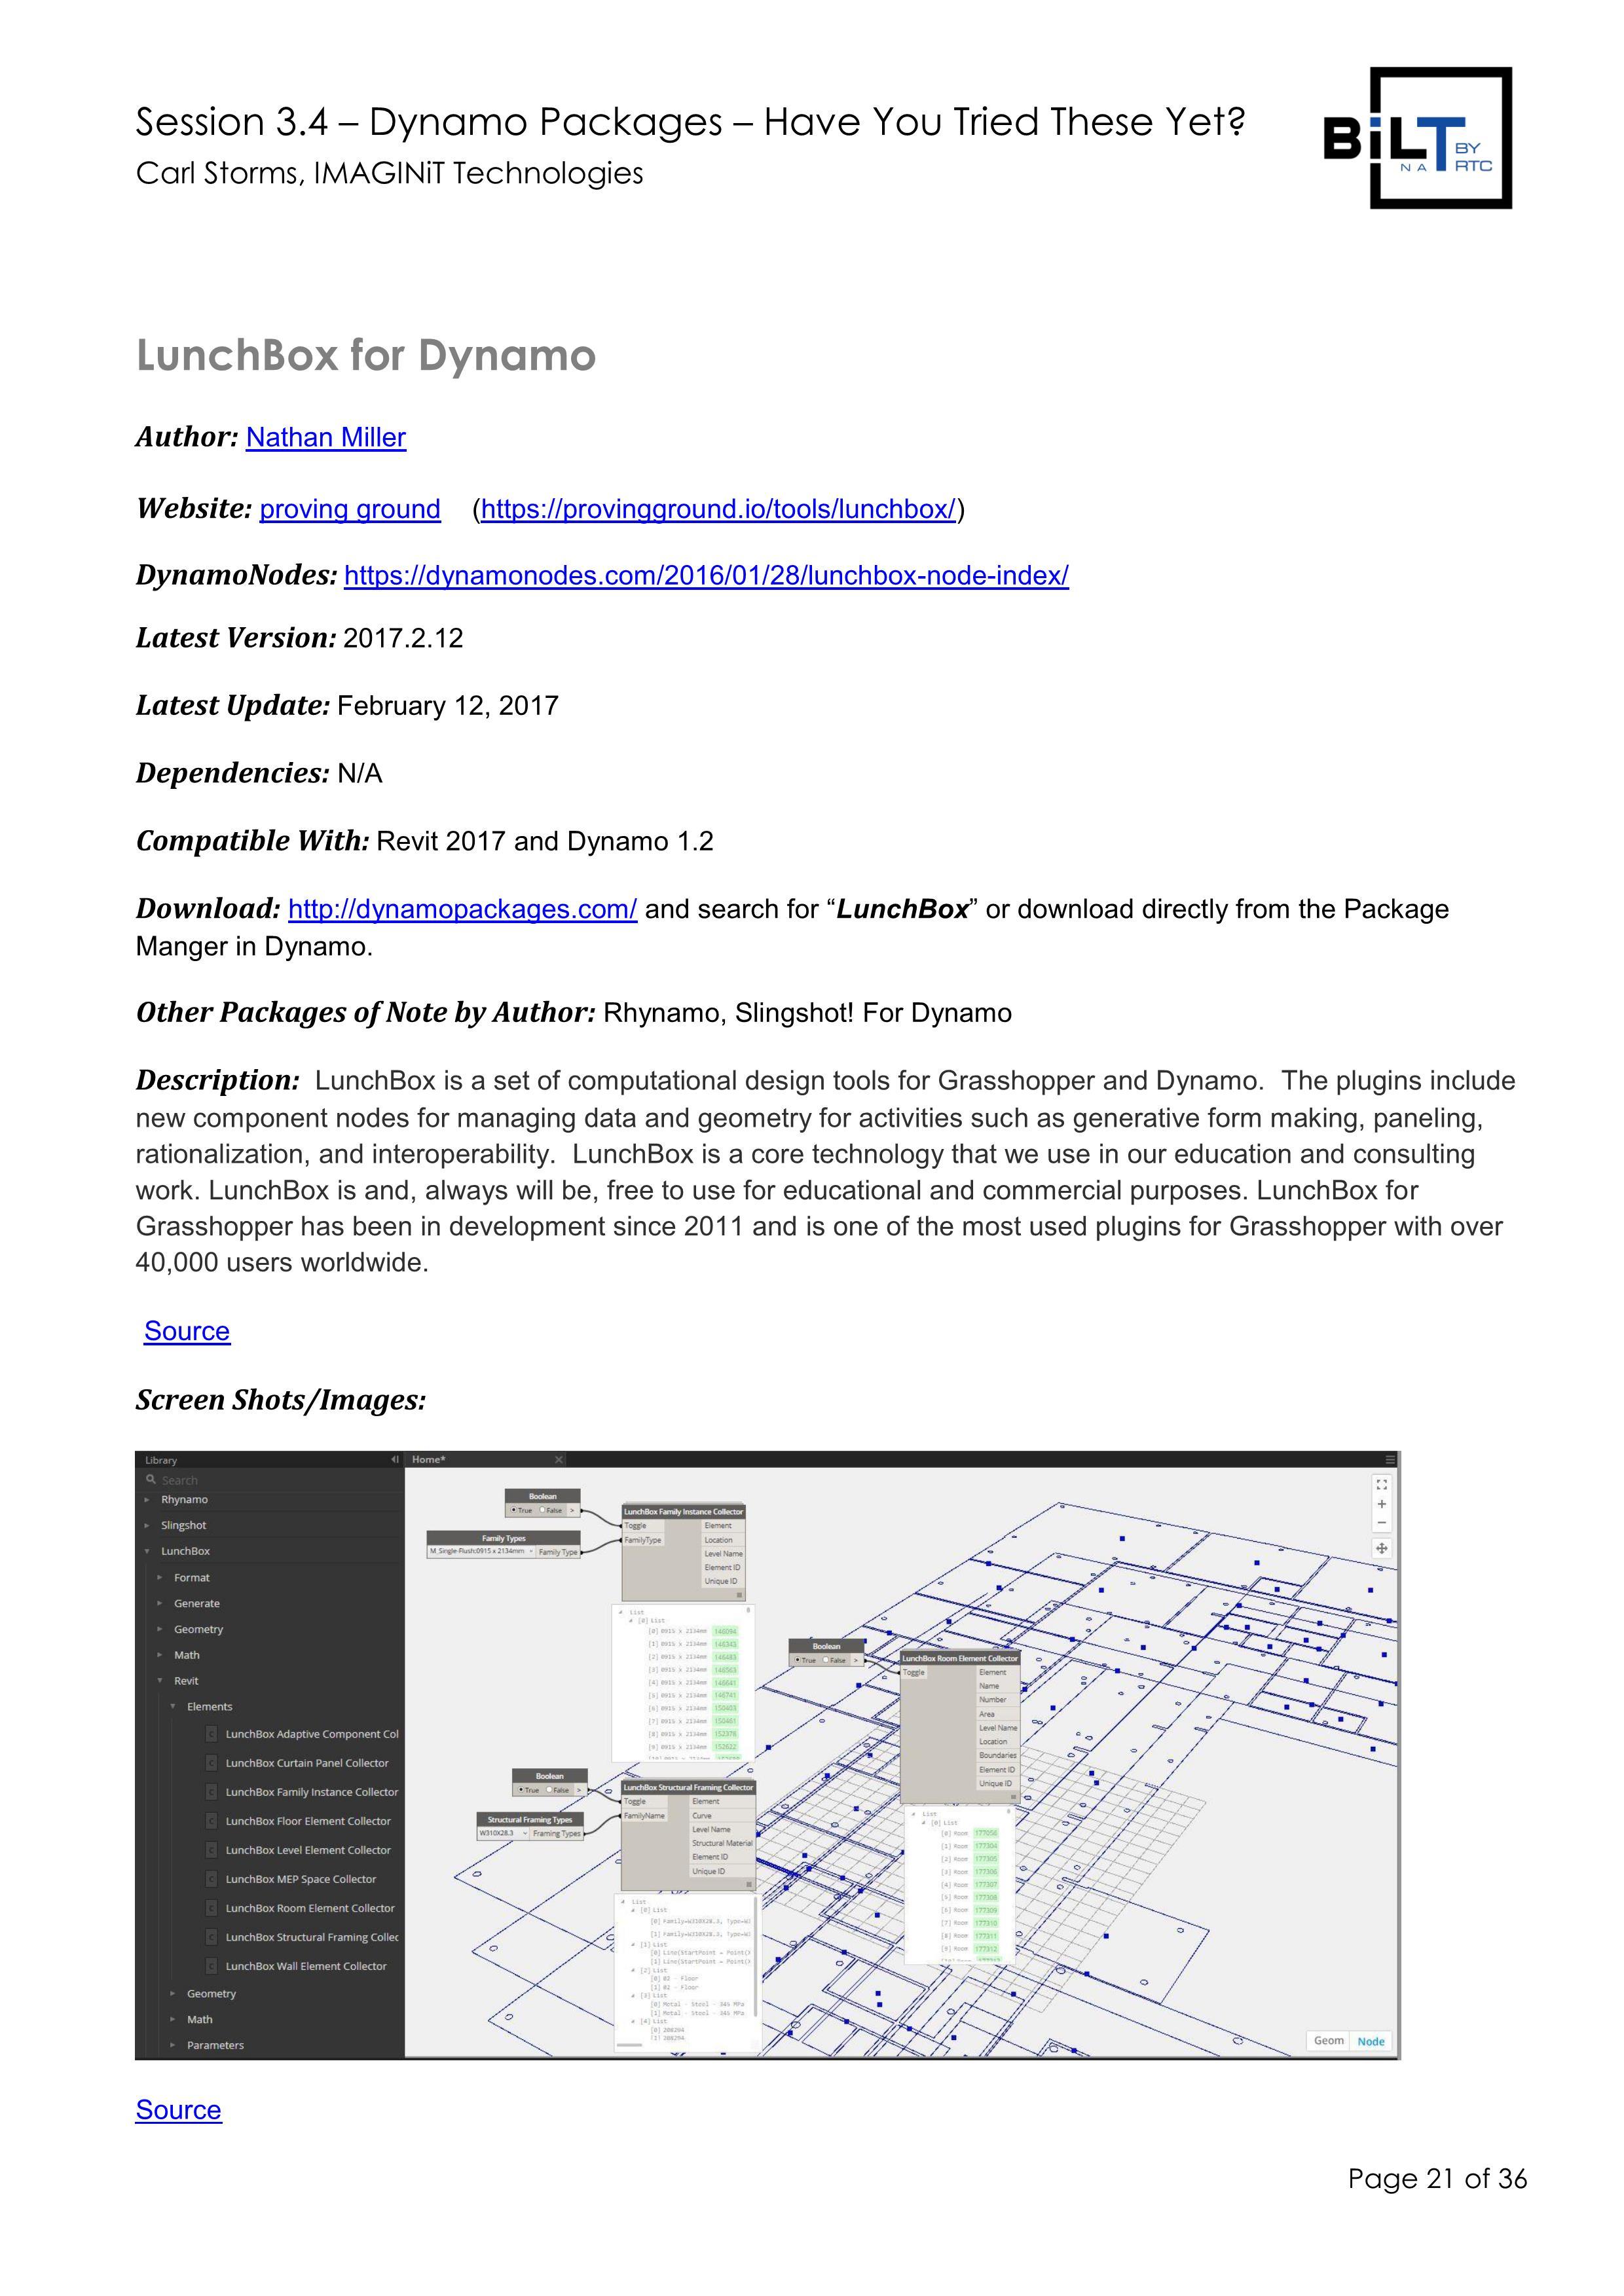 DynamoPackagesHaveYouTried Page 021.jpg